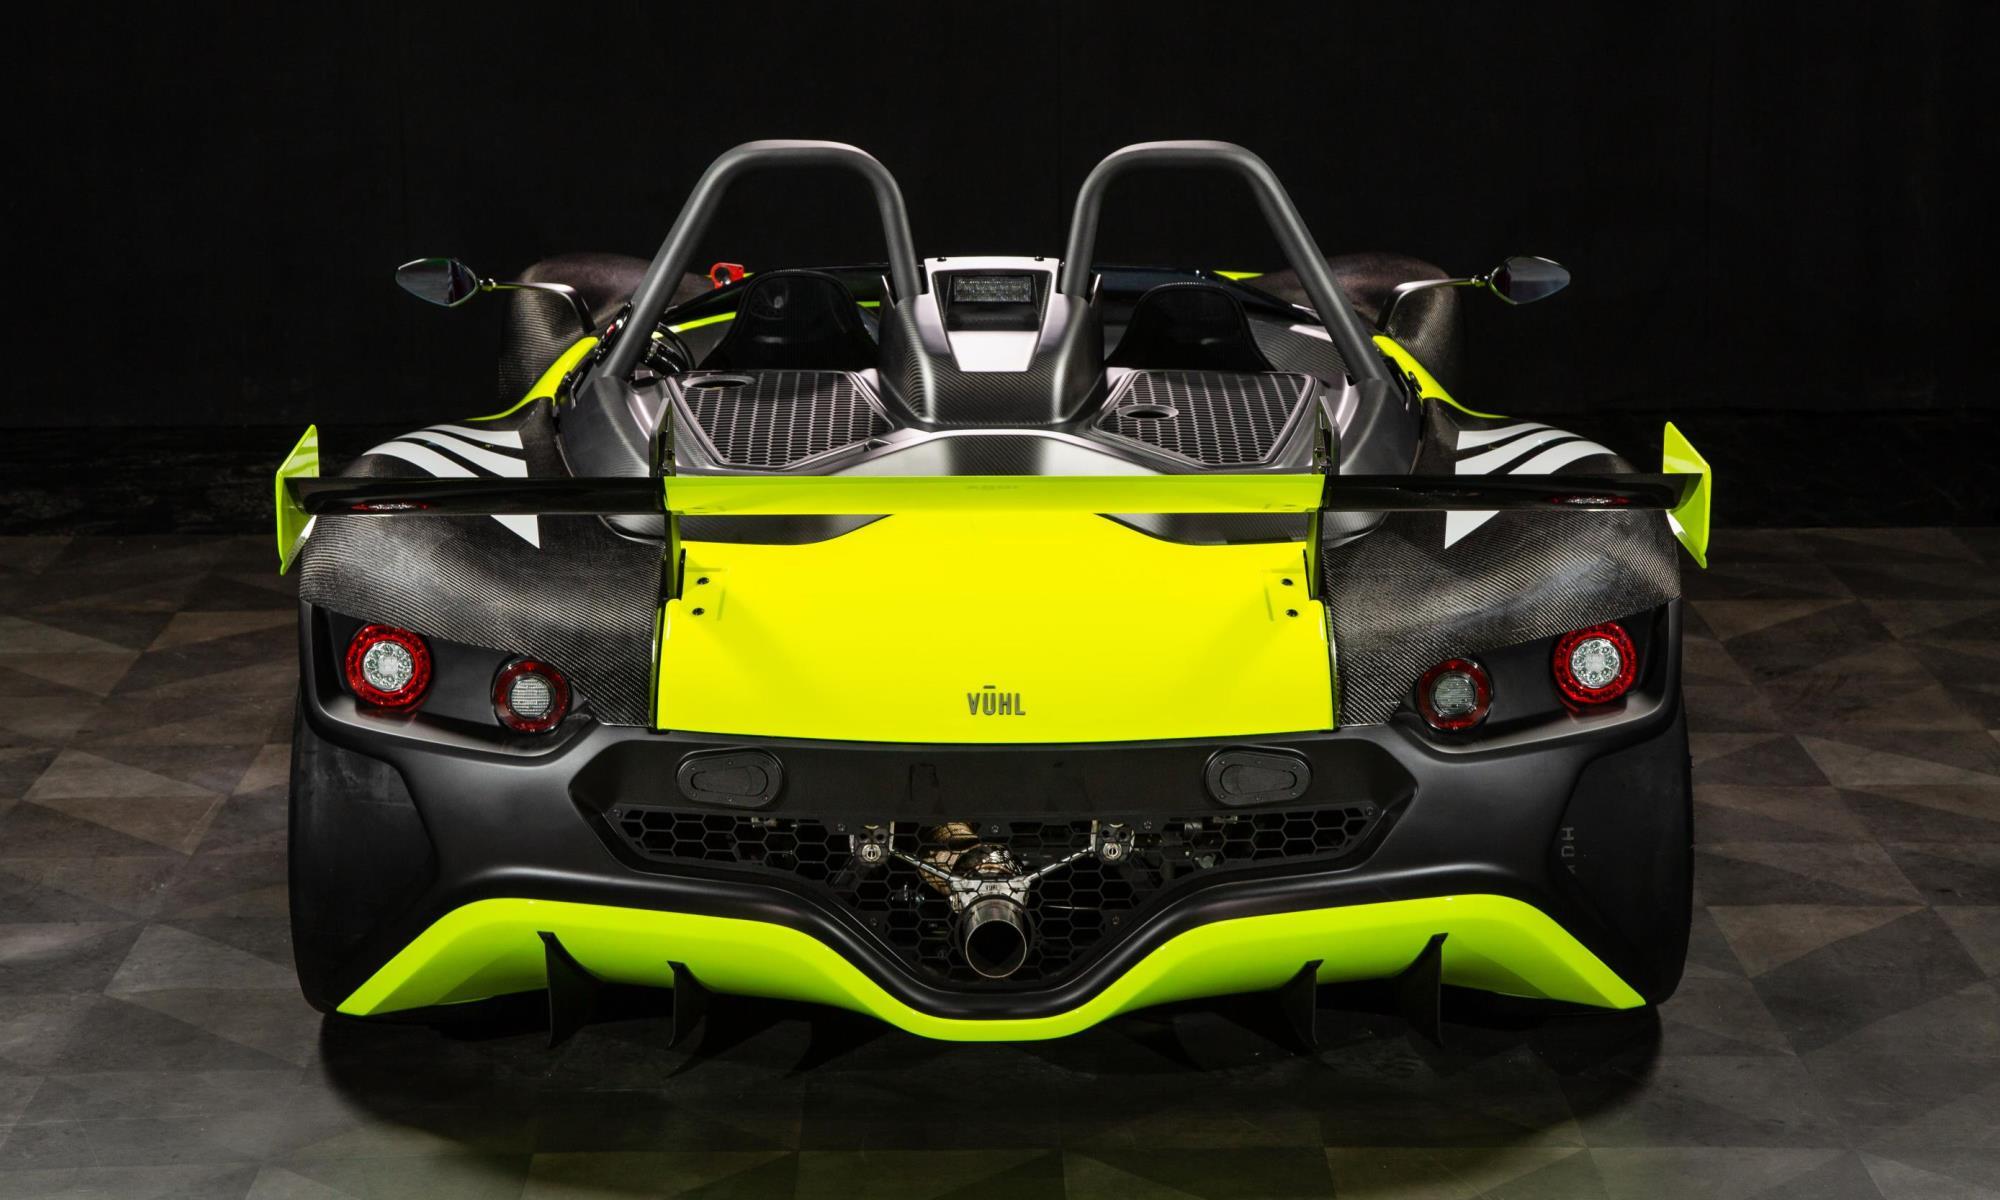 Vuhl 05RR rear